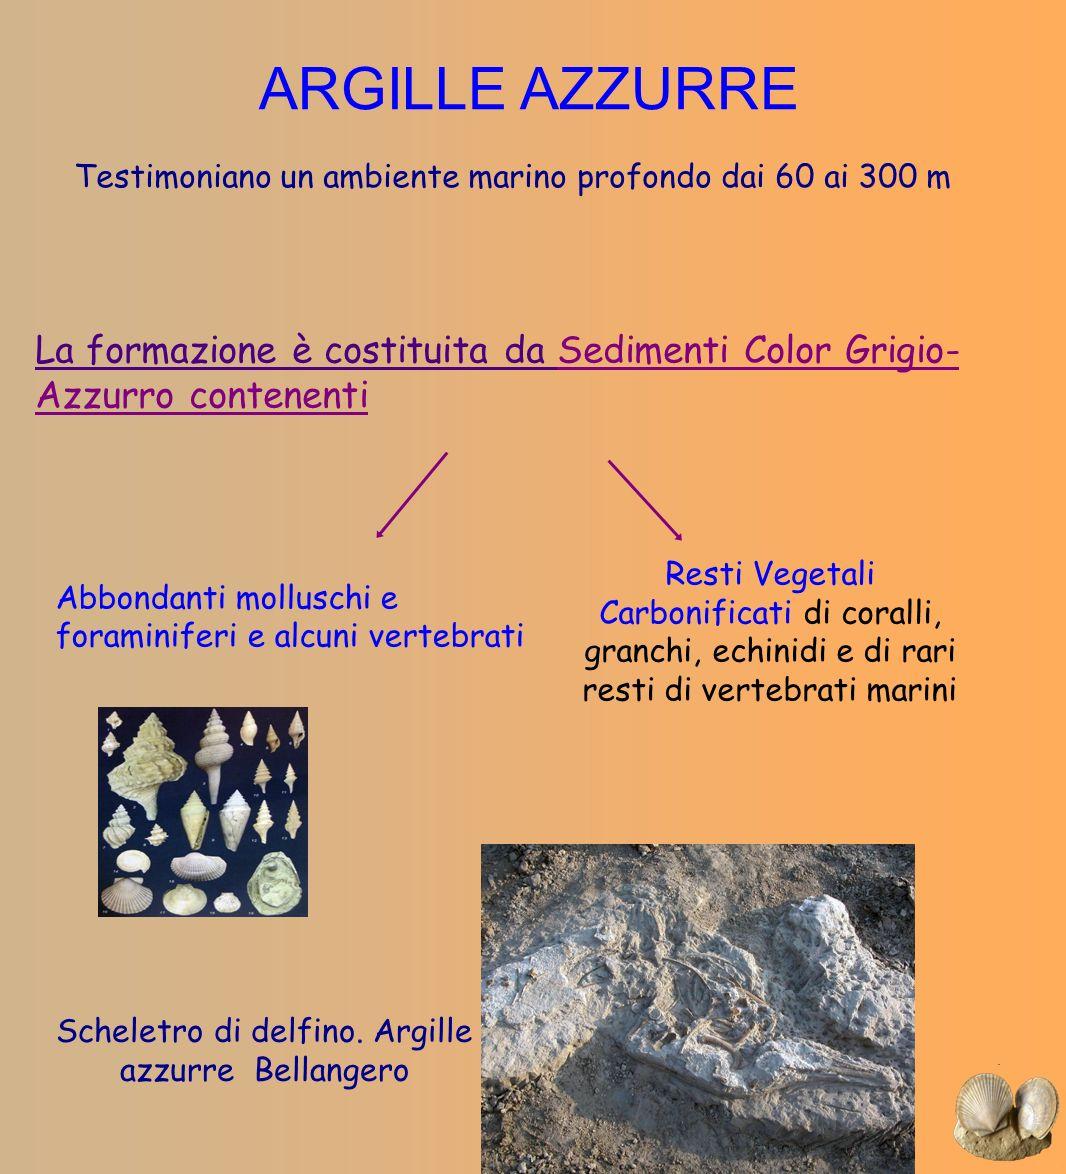 ARGILLE AZZURRE Testimoniano un ambiente marino profondo dai 60 ai 300 m La formazione è costituita da Sedimenti Color Grigio- Azzurro contenenti Rest